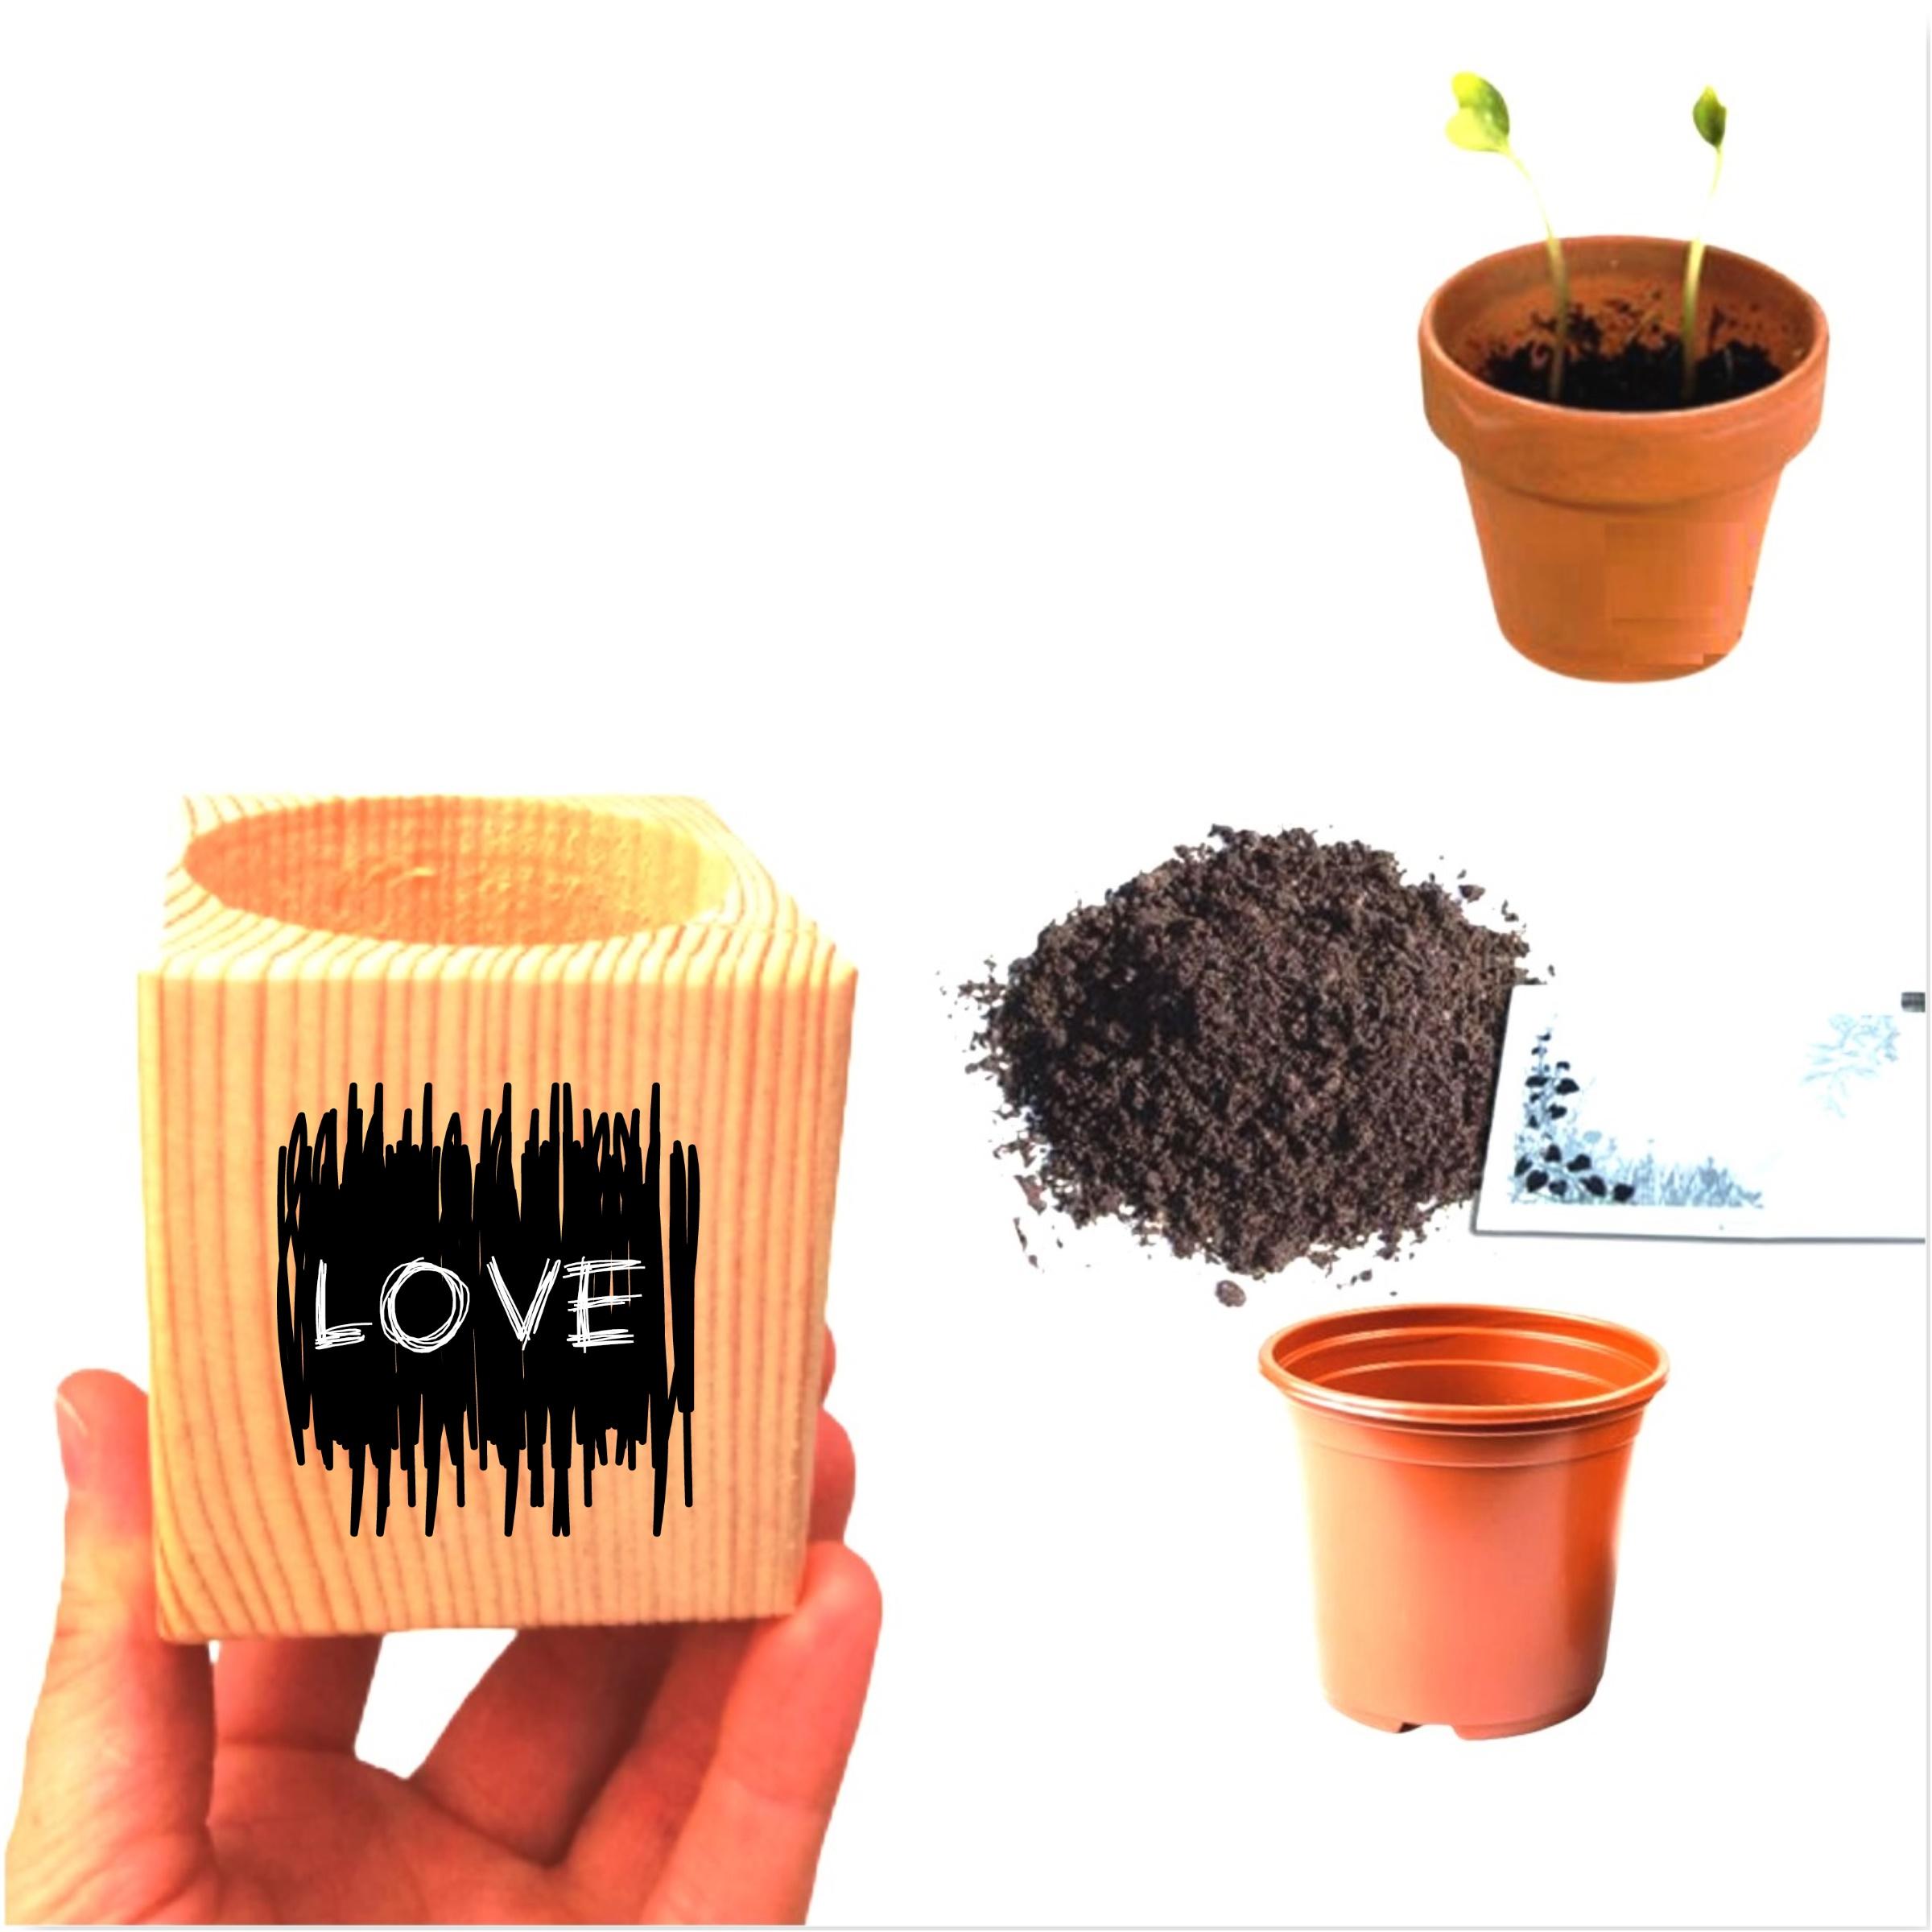 Özel Tasarım Love Yazılı Sevgiliye Hediyelik Papatya Ekim Seti